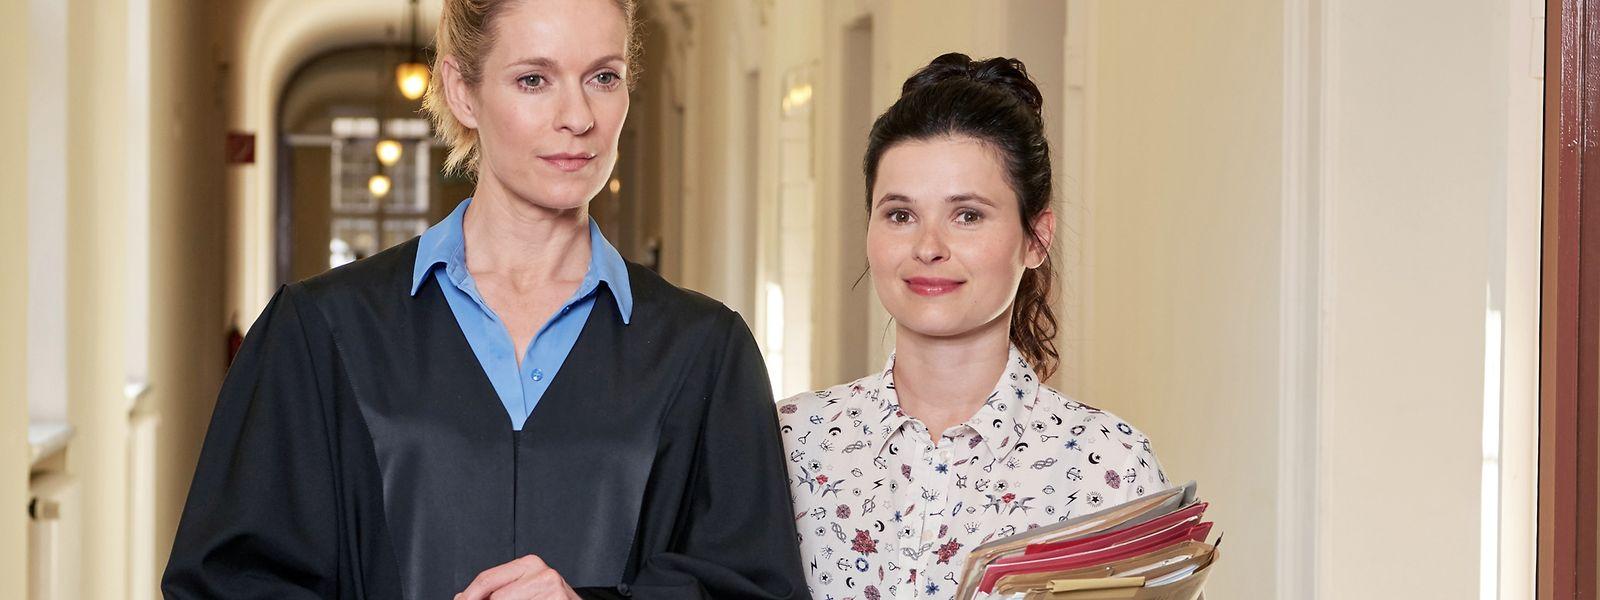 """In der ARD-Serie """"Die Heiland"""" eröffnet die blinde Anwältin Romy Heiland (Lisa Martinek, l.) ihre eigene Anwaltskanzlei."""